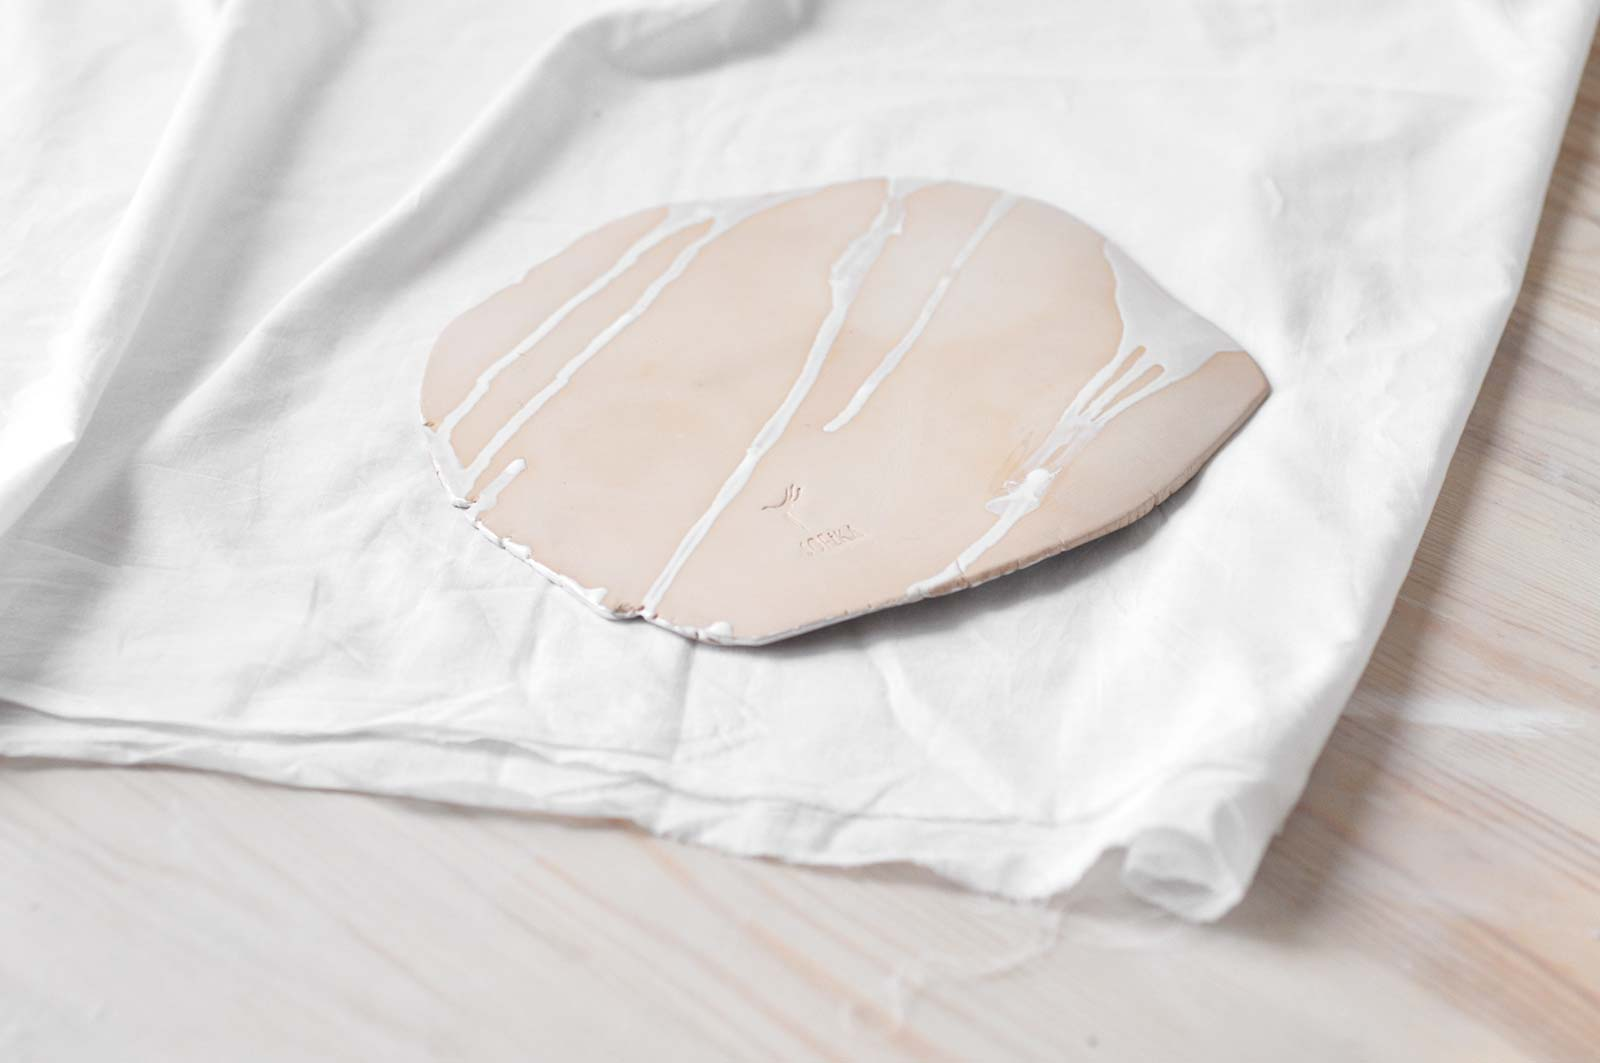 Вид сзади - Плоская декоративная тарелка (Ручная работа)